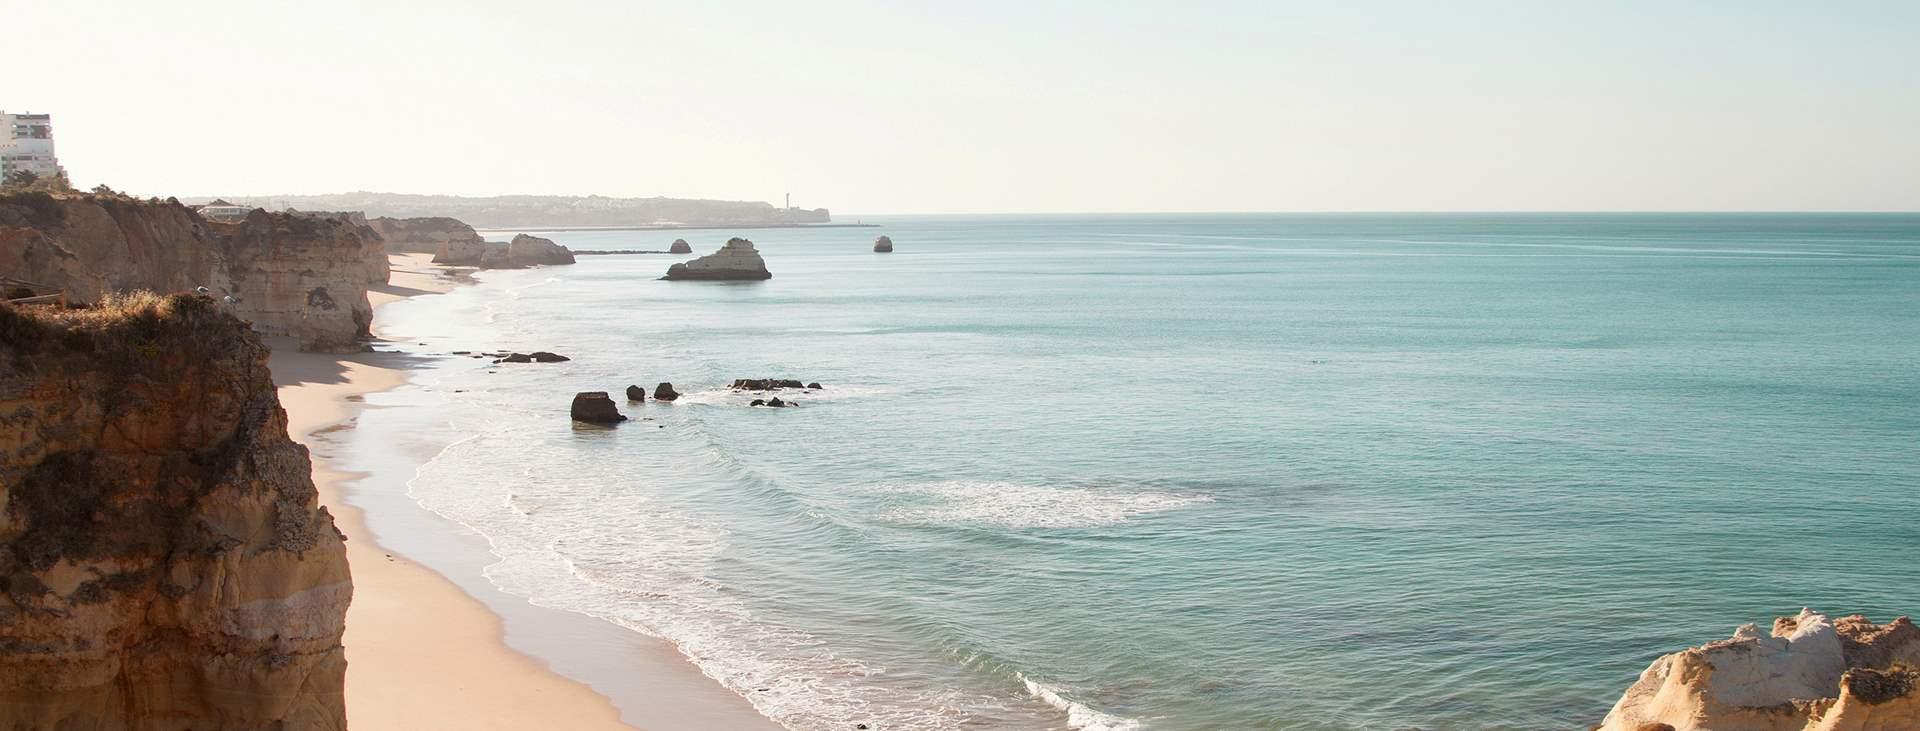 Bestill en reise med fly og hotell til Portugal